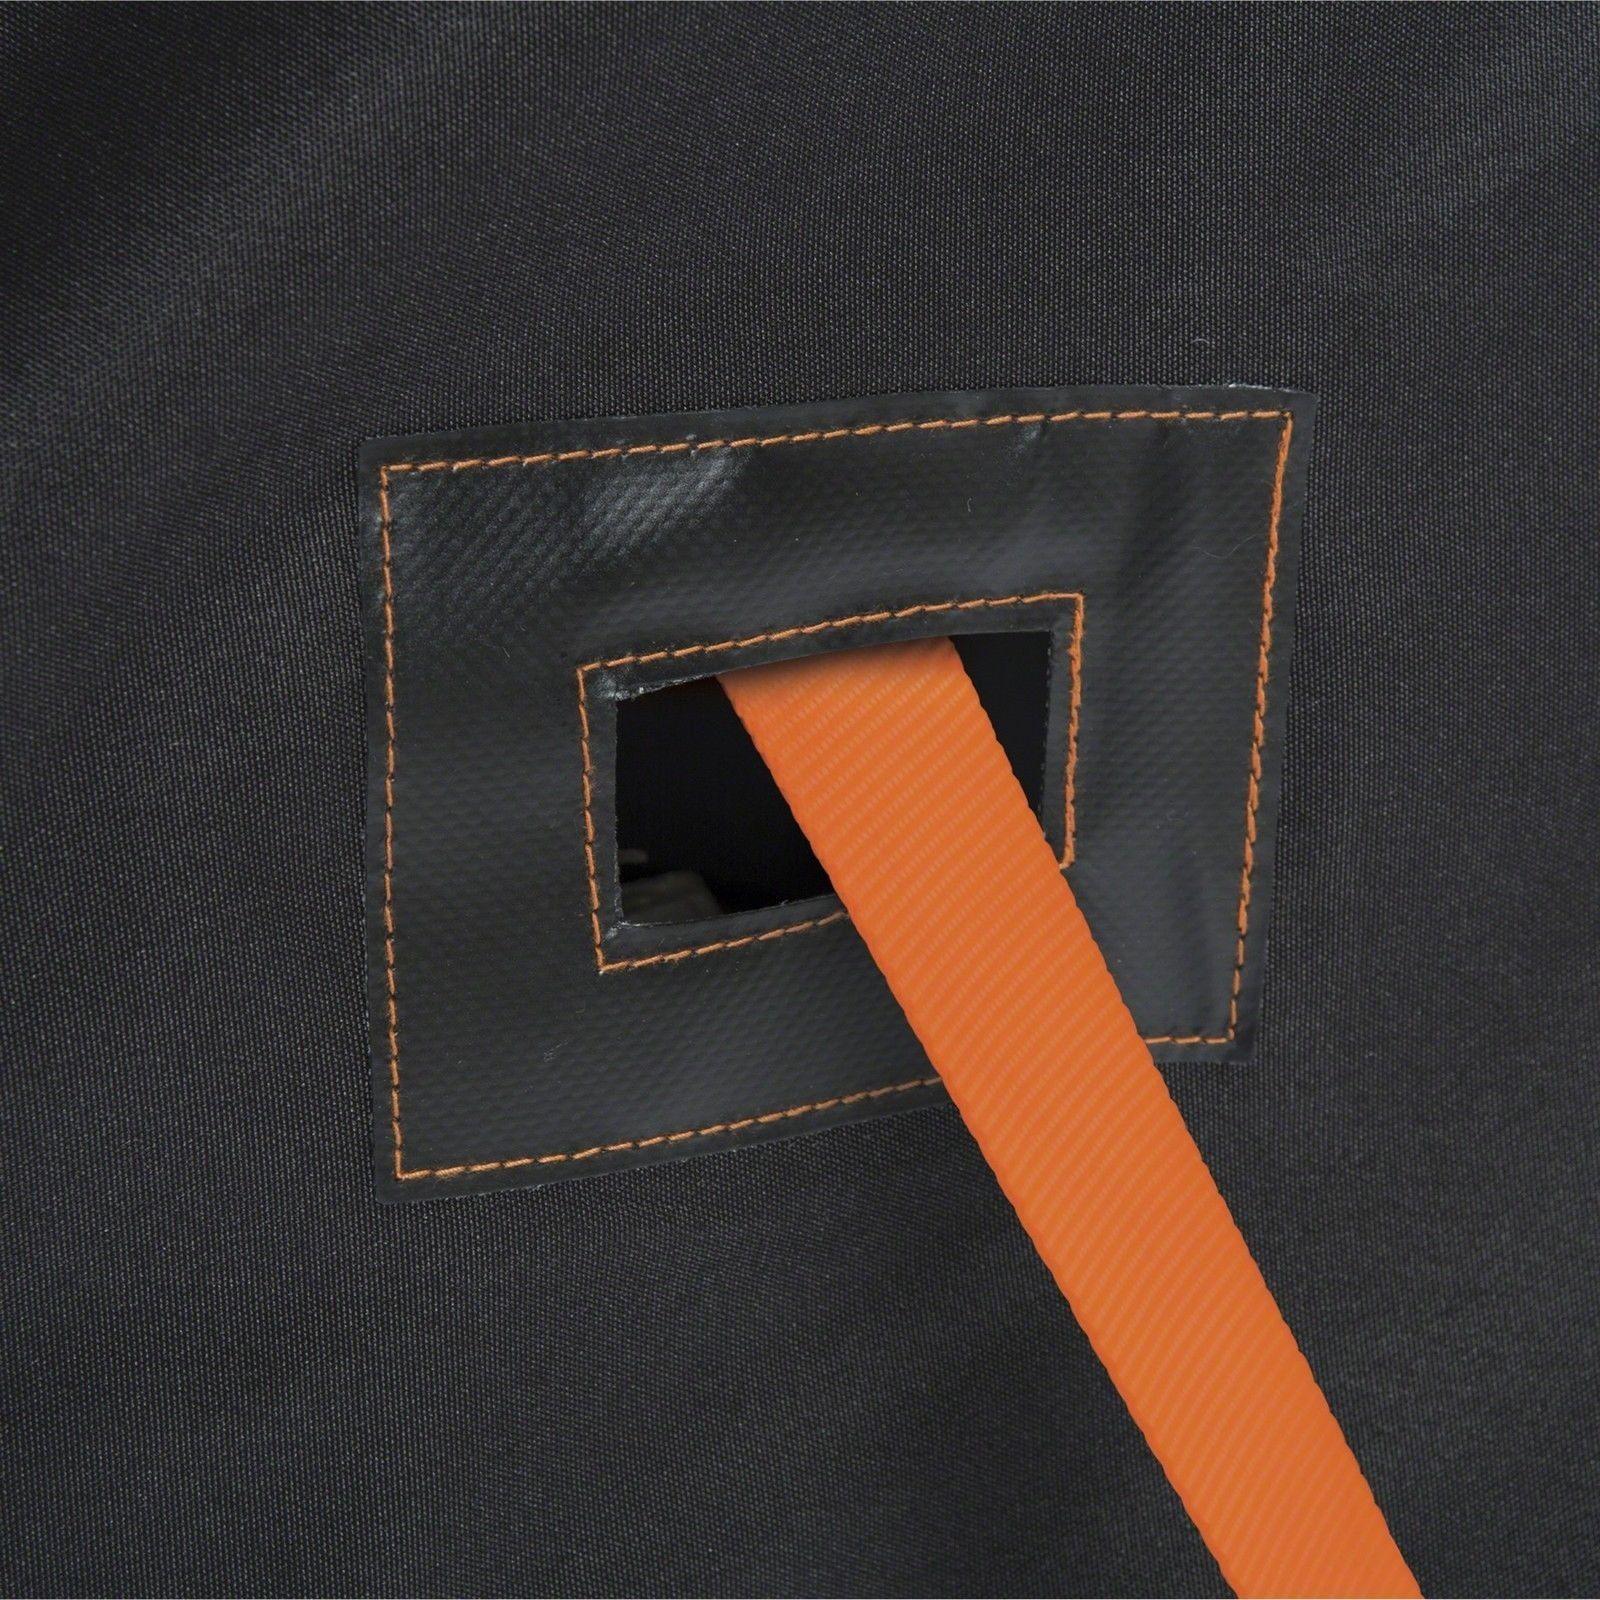 atv-covers-strap